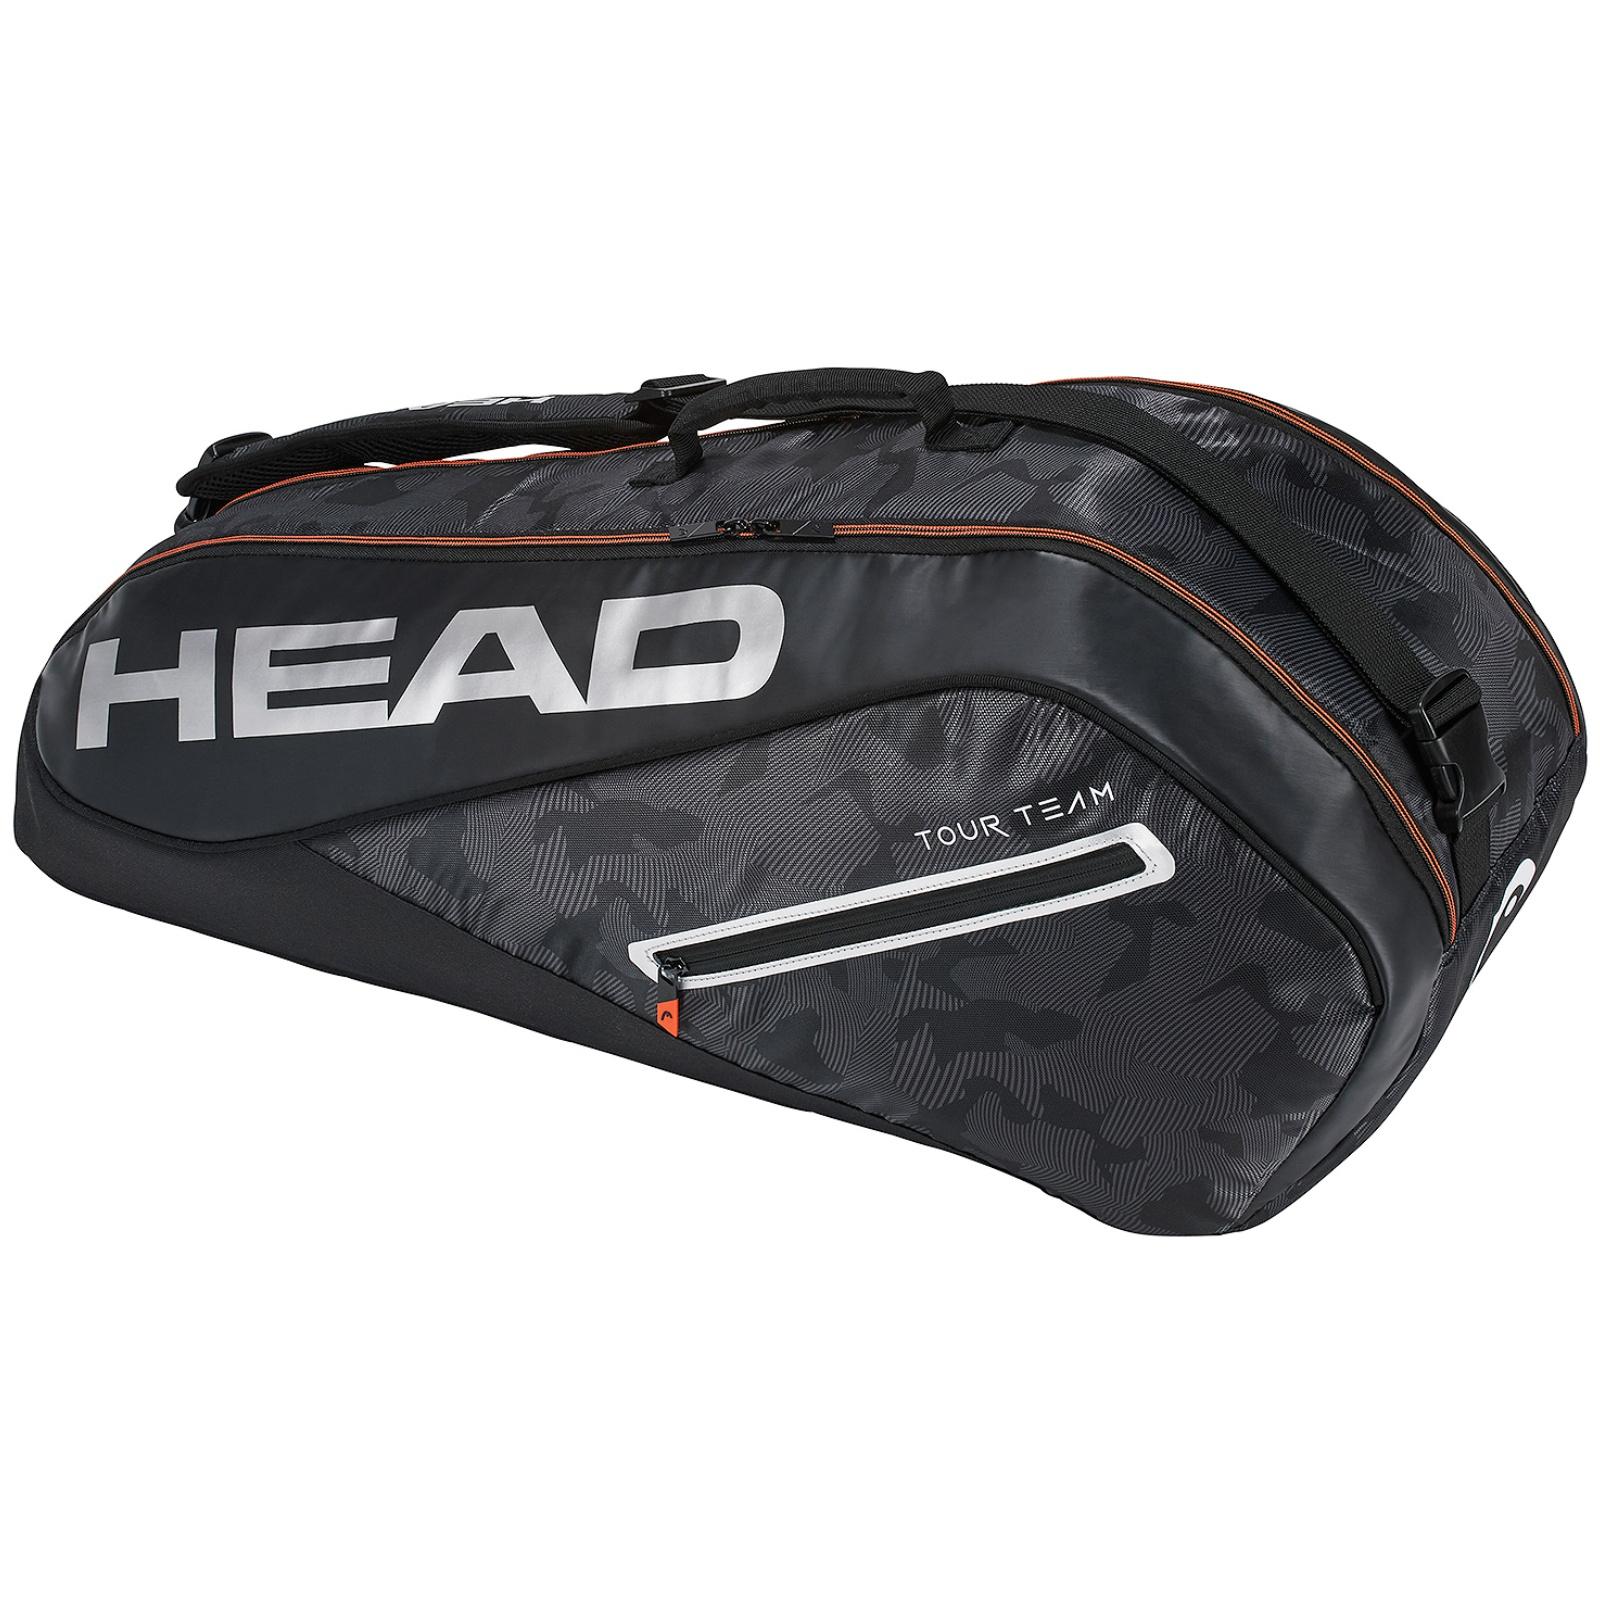 Tenisová taška HEAD Tour 6R Combi - černá